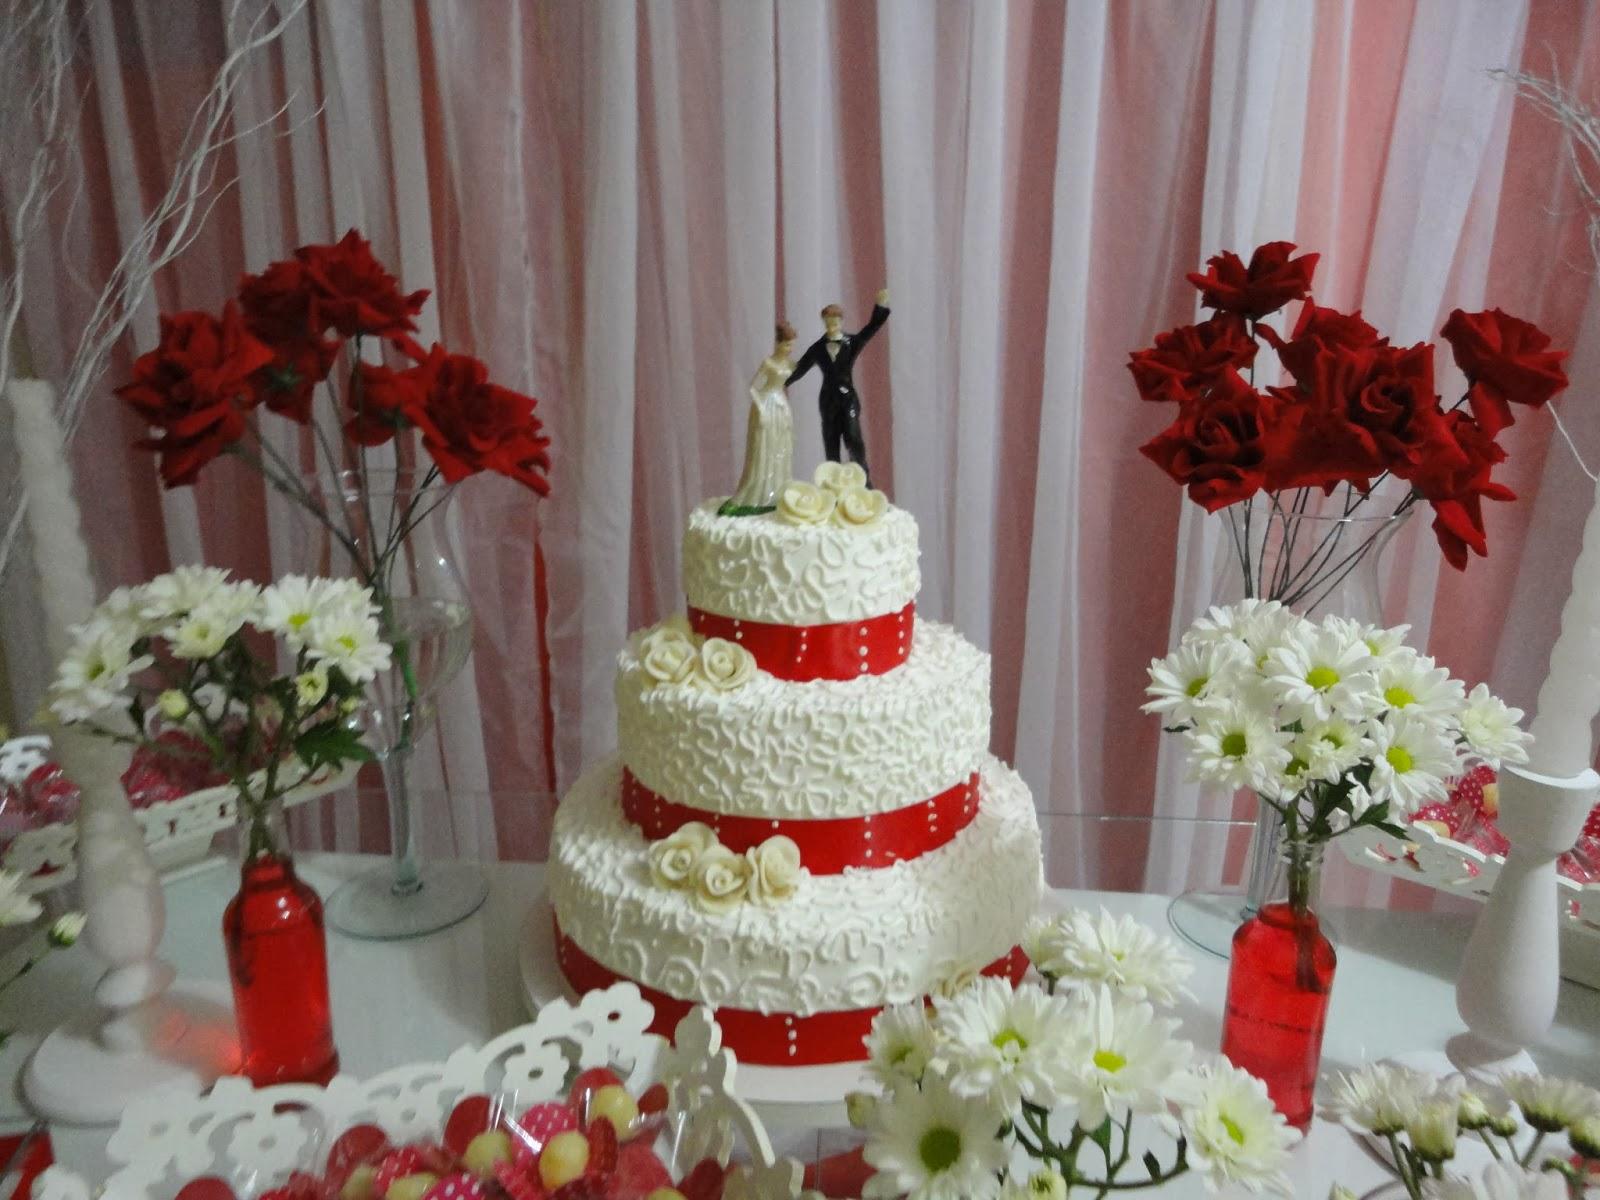 Buffet Talent u00b4s Decoraç u00e3o de Casamento Vermelho e Branco